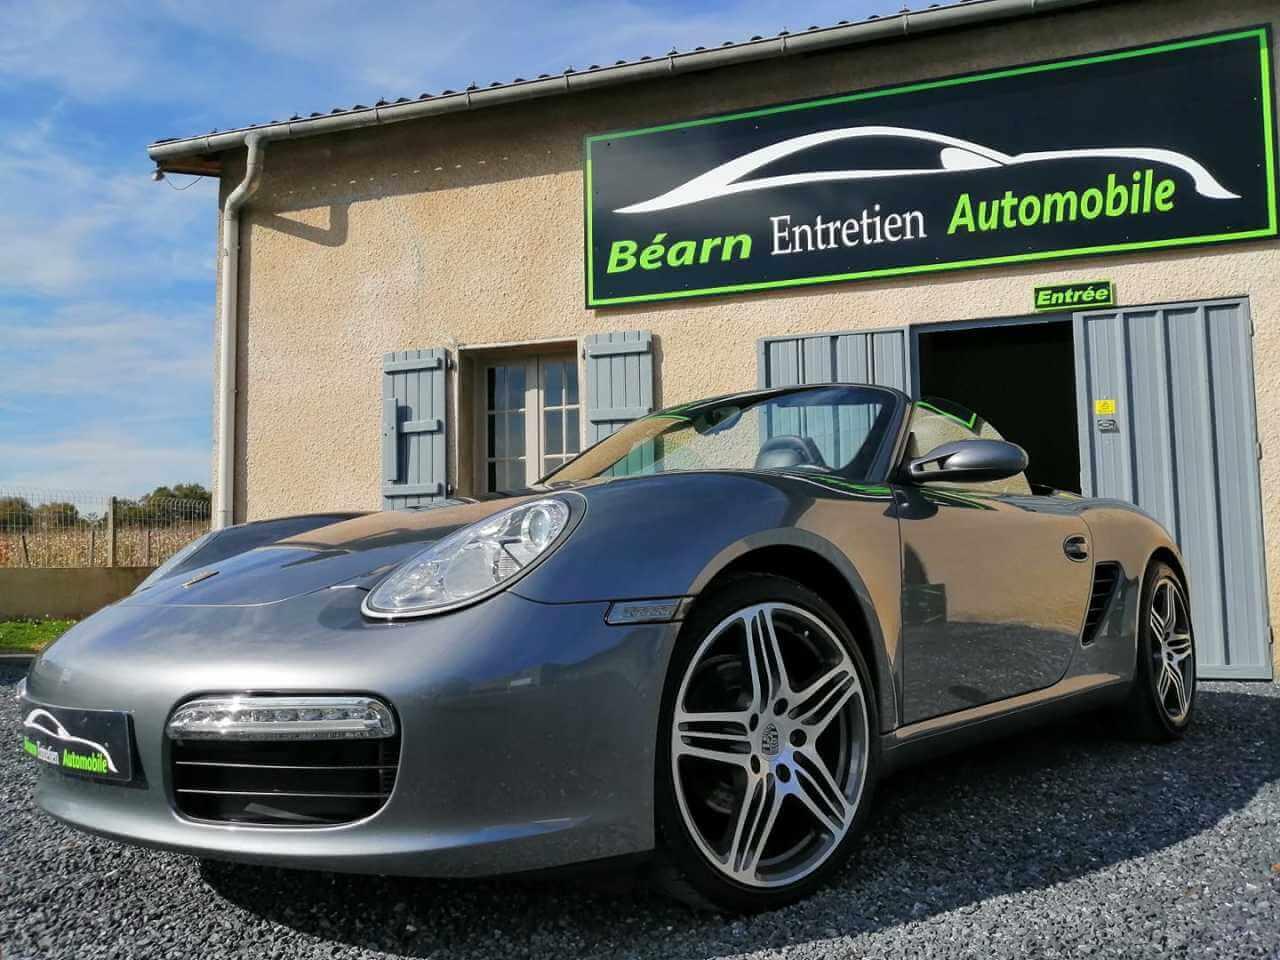 Porsche BEA